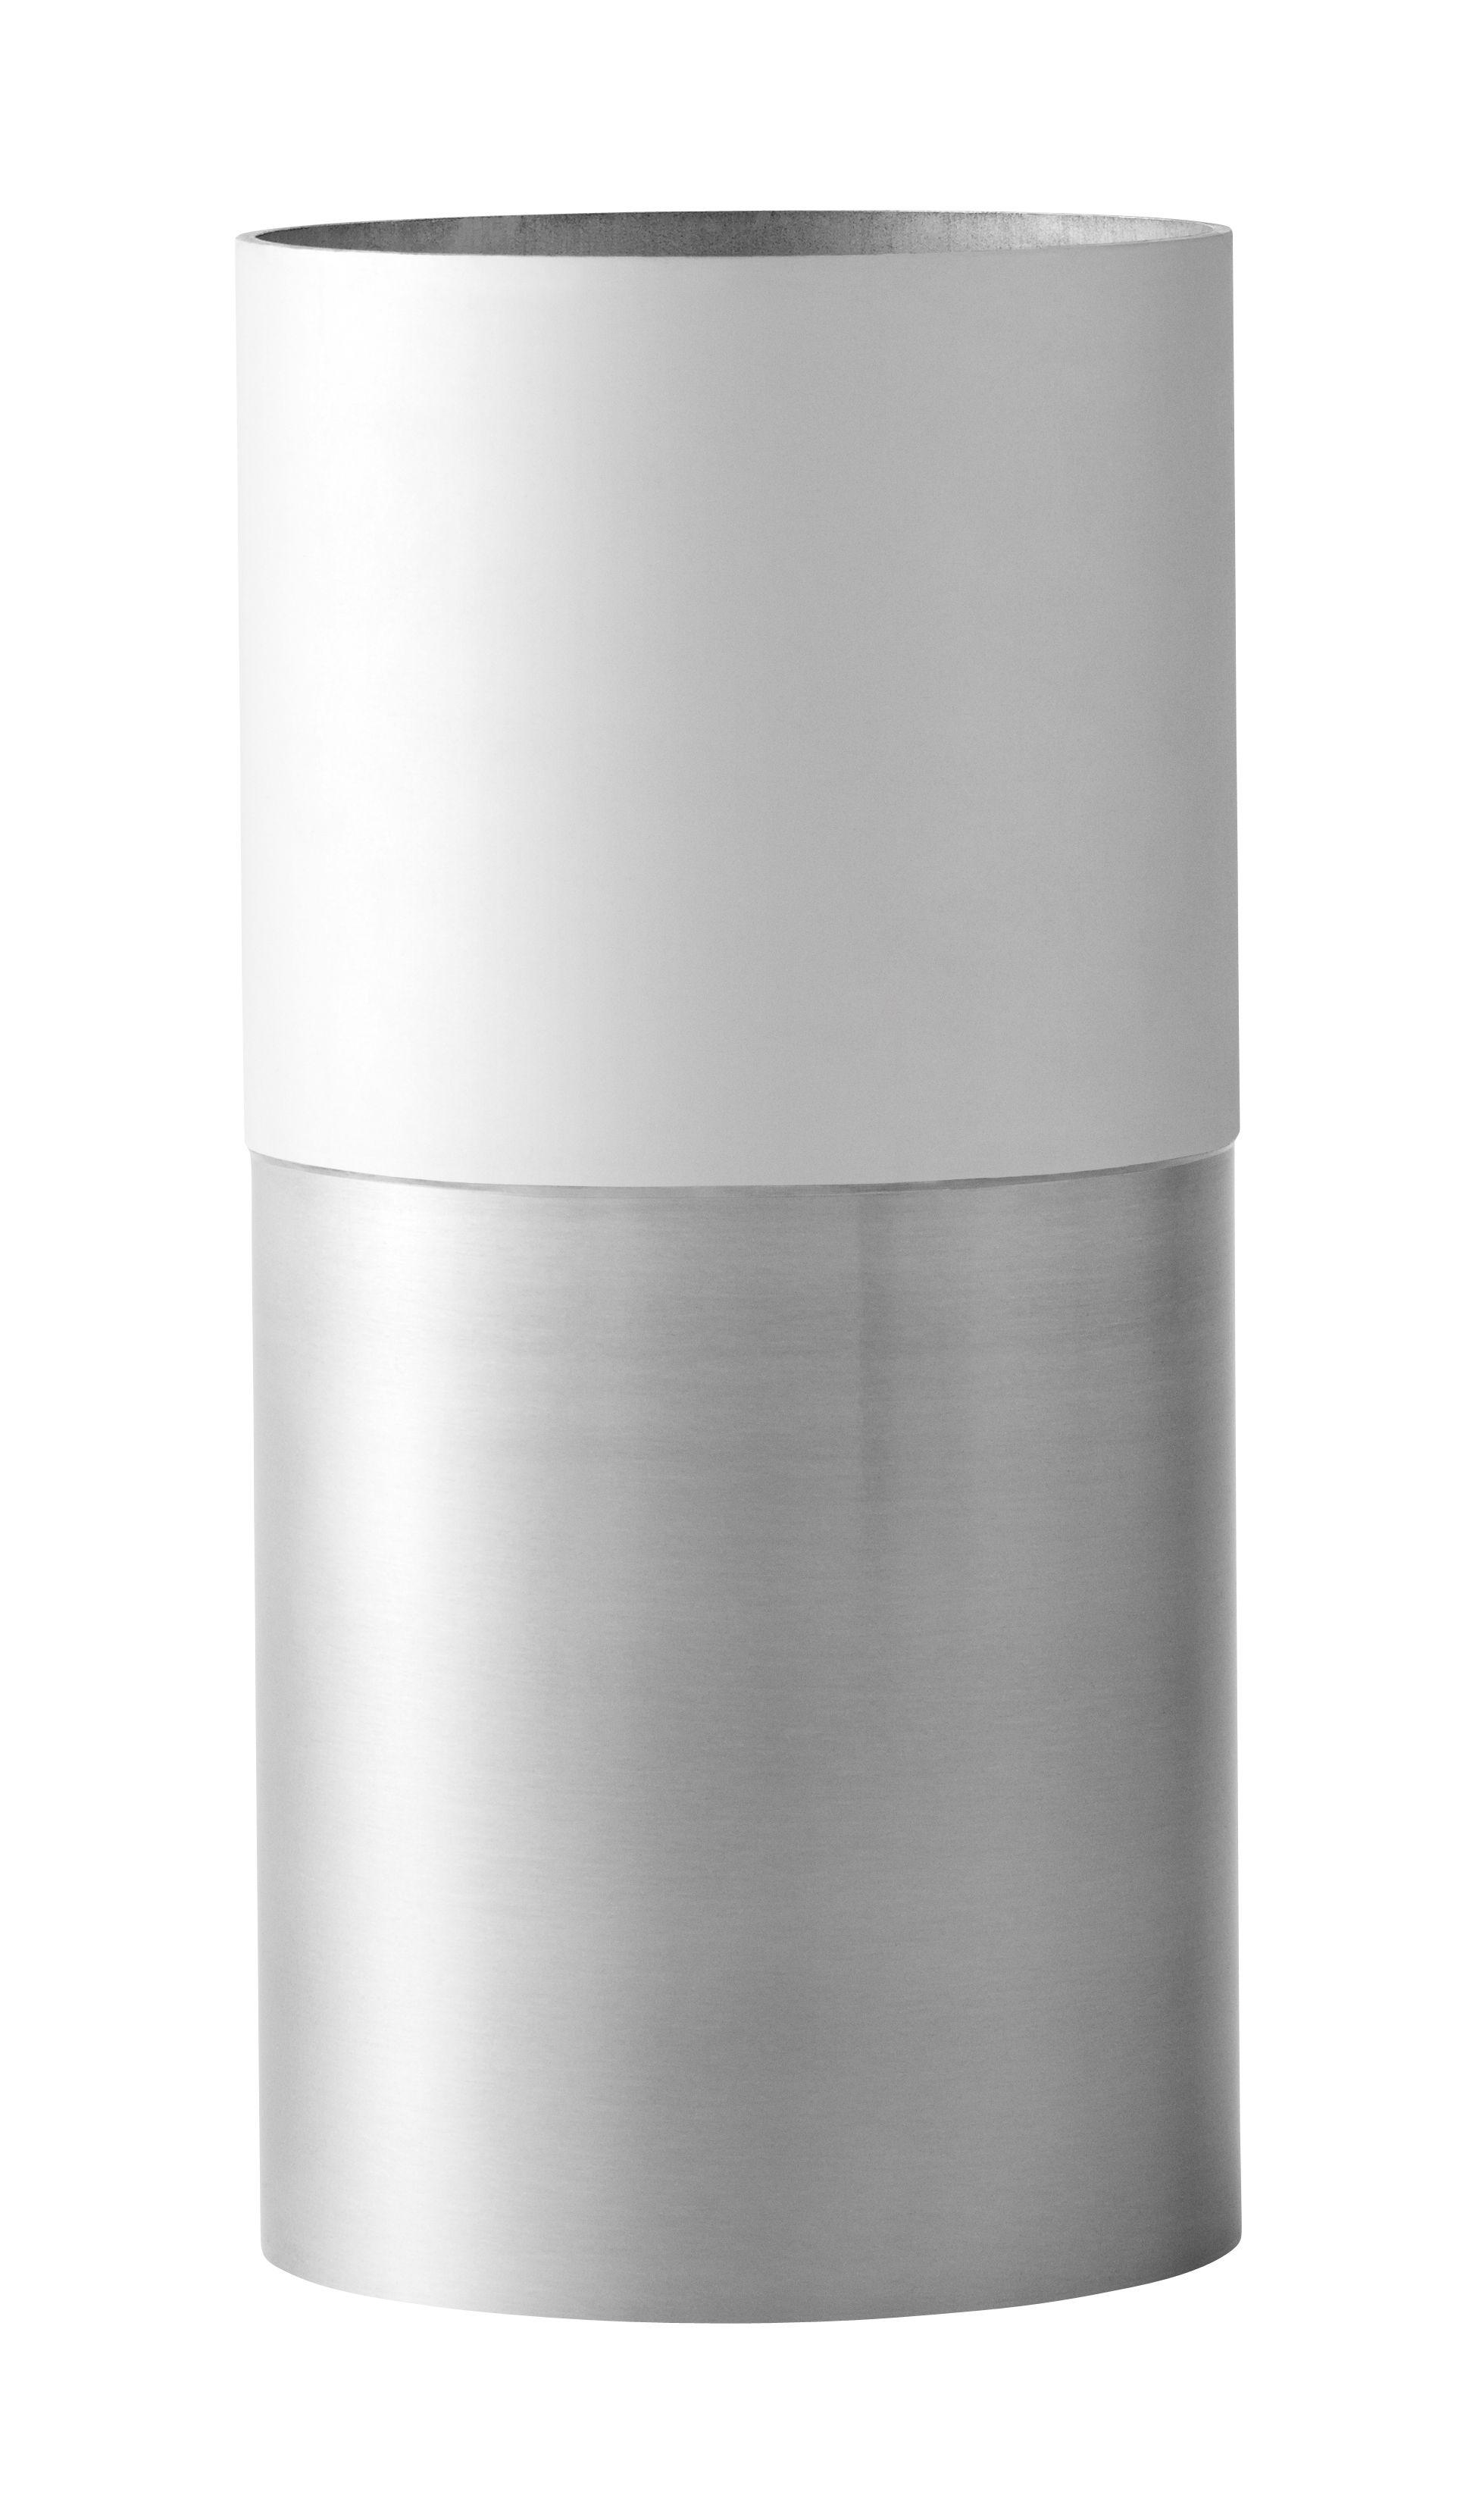 Dekoration - Vasen - True Colour LP1 Vase / Aluminium - Ø 10 x H 20 cm - &tradition - Aluminium & weiß - Aluminium